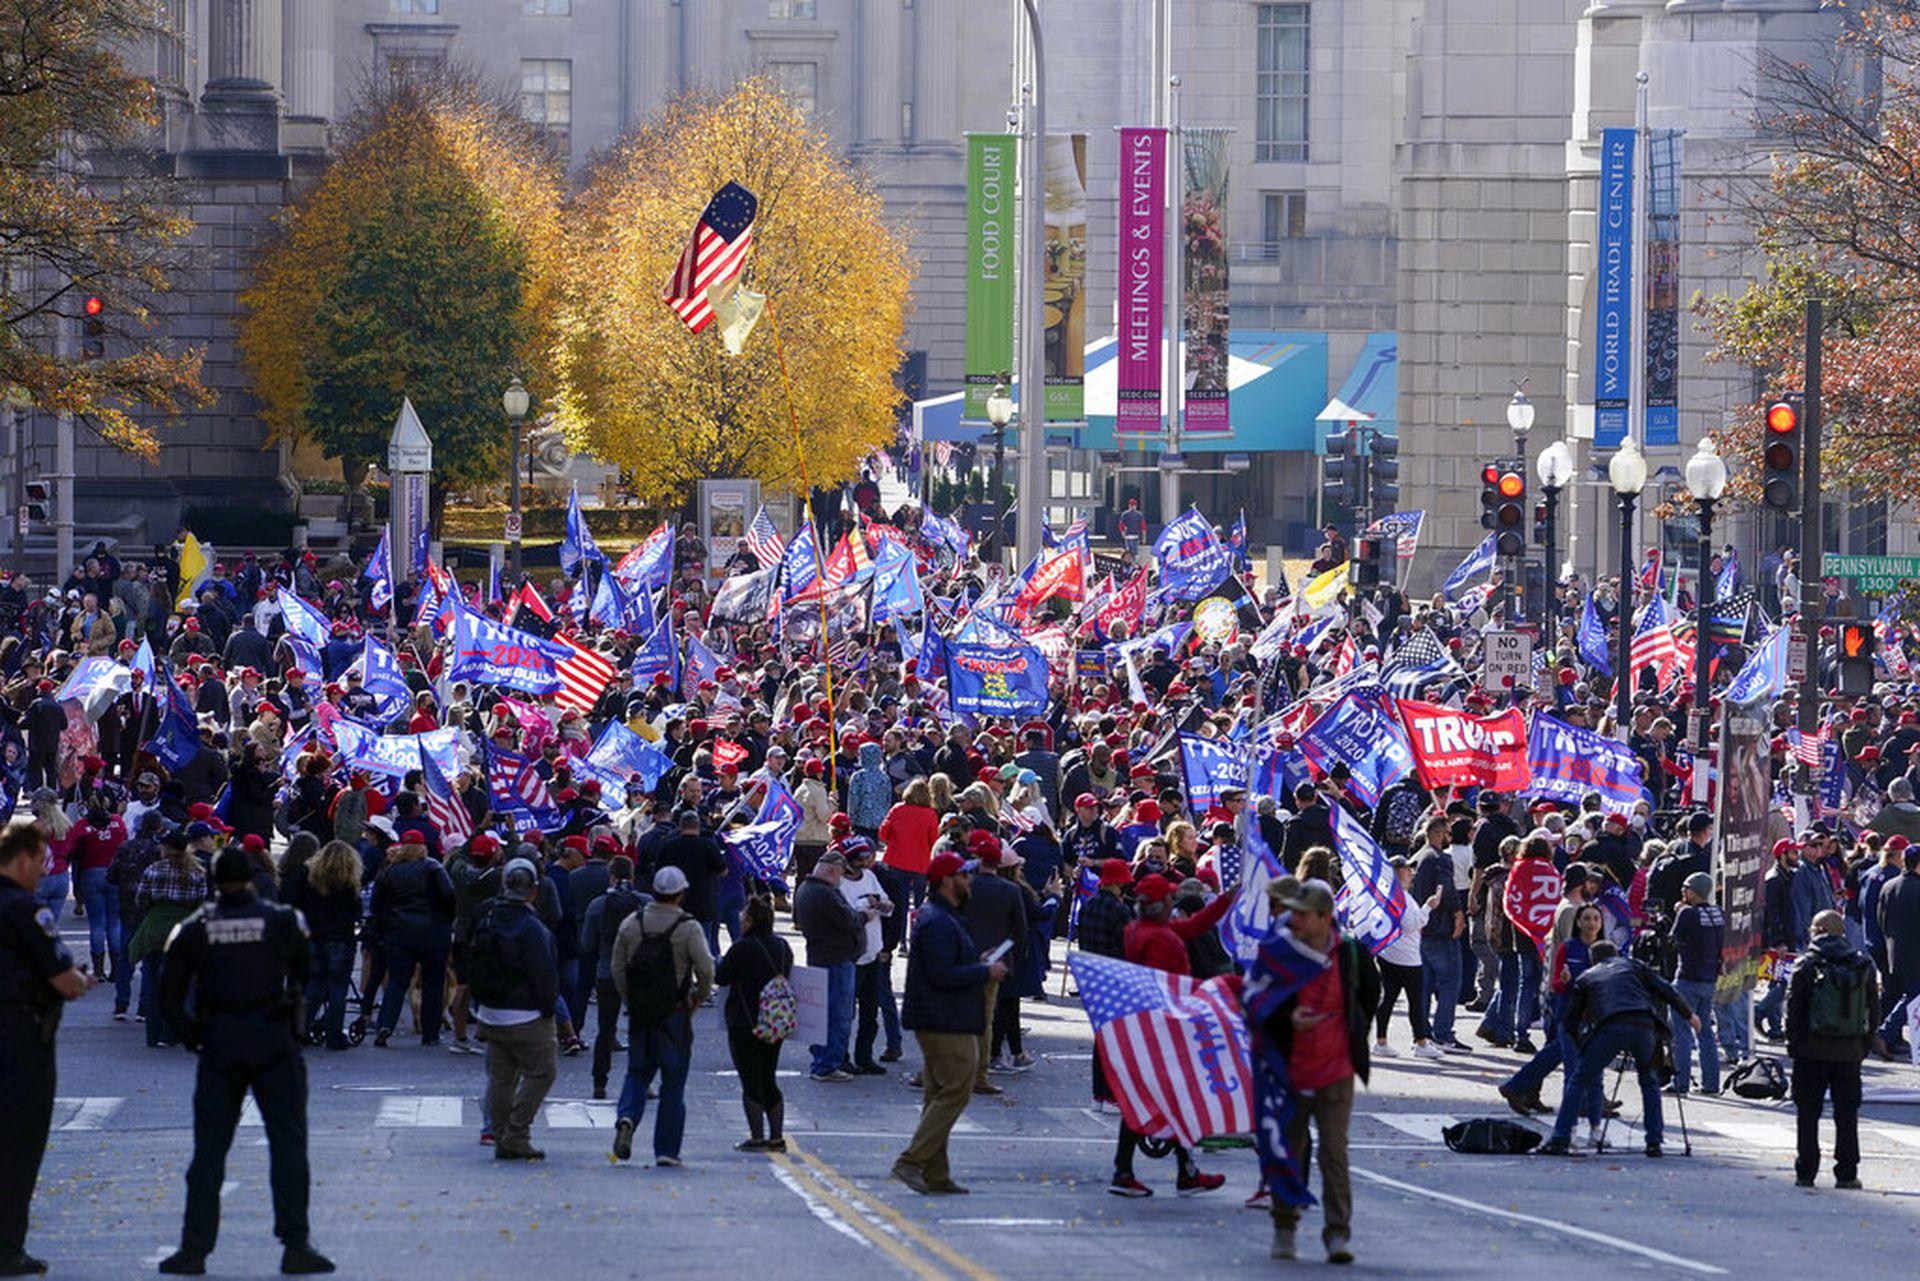 特朗普的支持者11月14日在华盛顿举行游行活动,抗议选举结果。(AP)